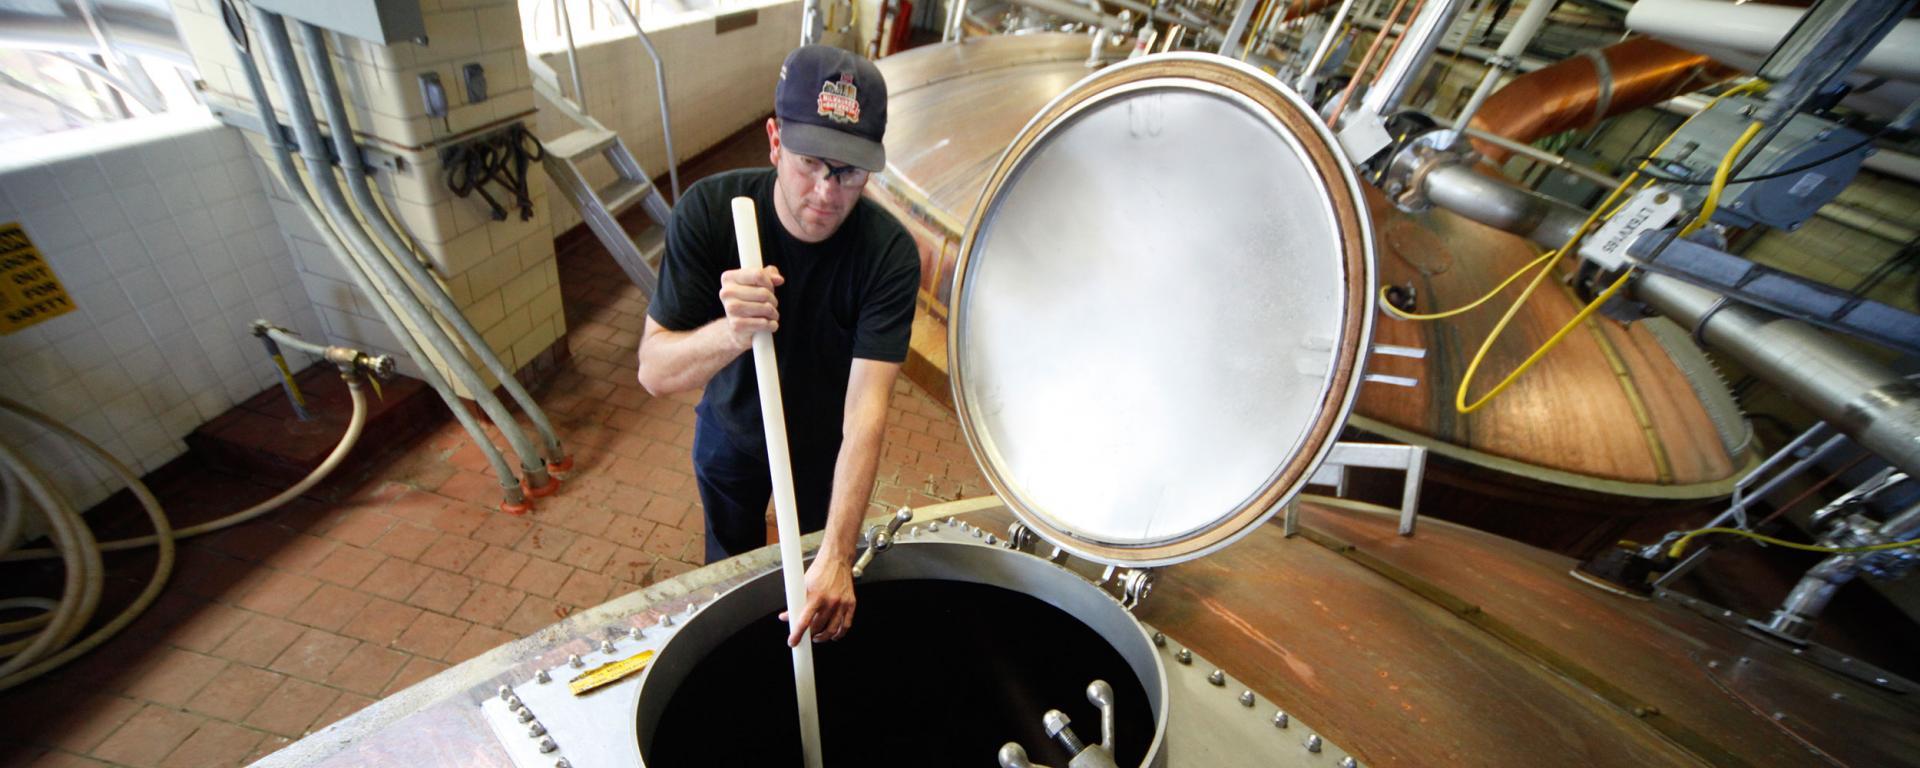 Coors Brewer Stirring Beer